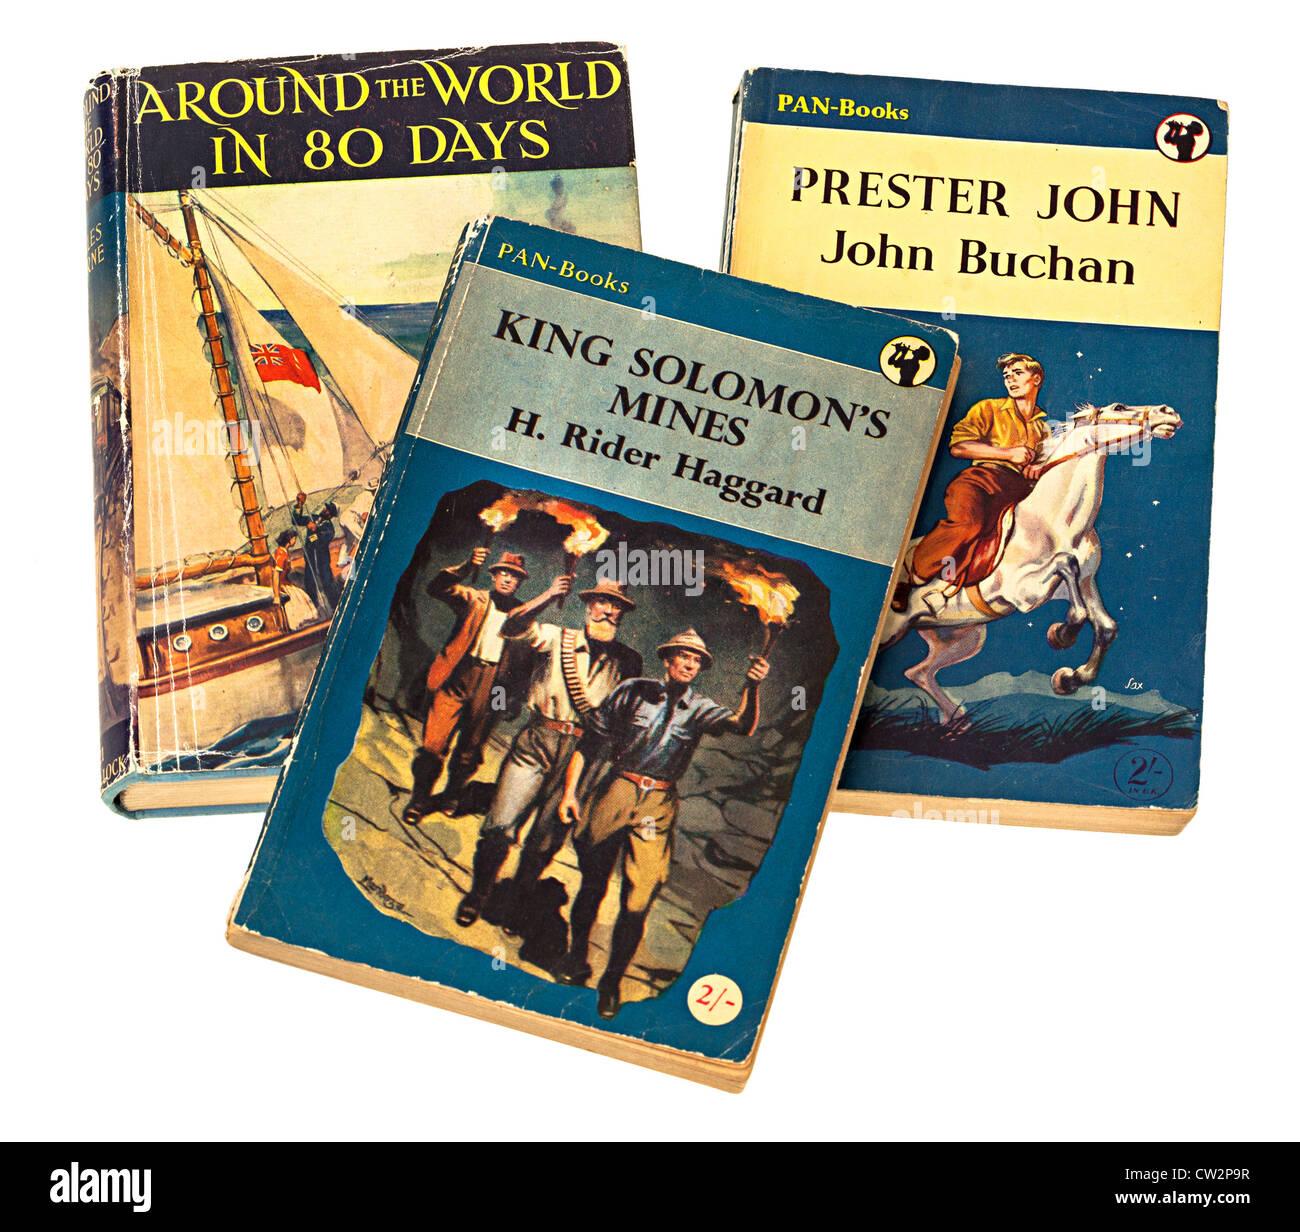 Classica avventura per bambini libri di storia di Jules Verne, H. Rider Haggard e John Buchan Immagini Stock